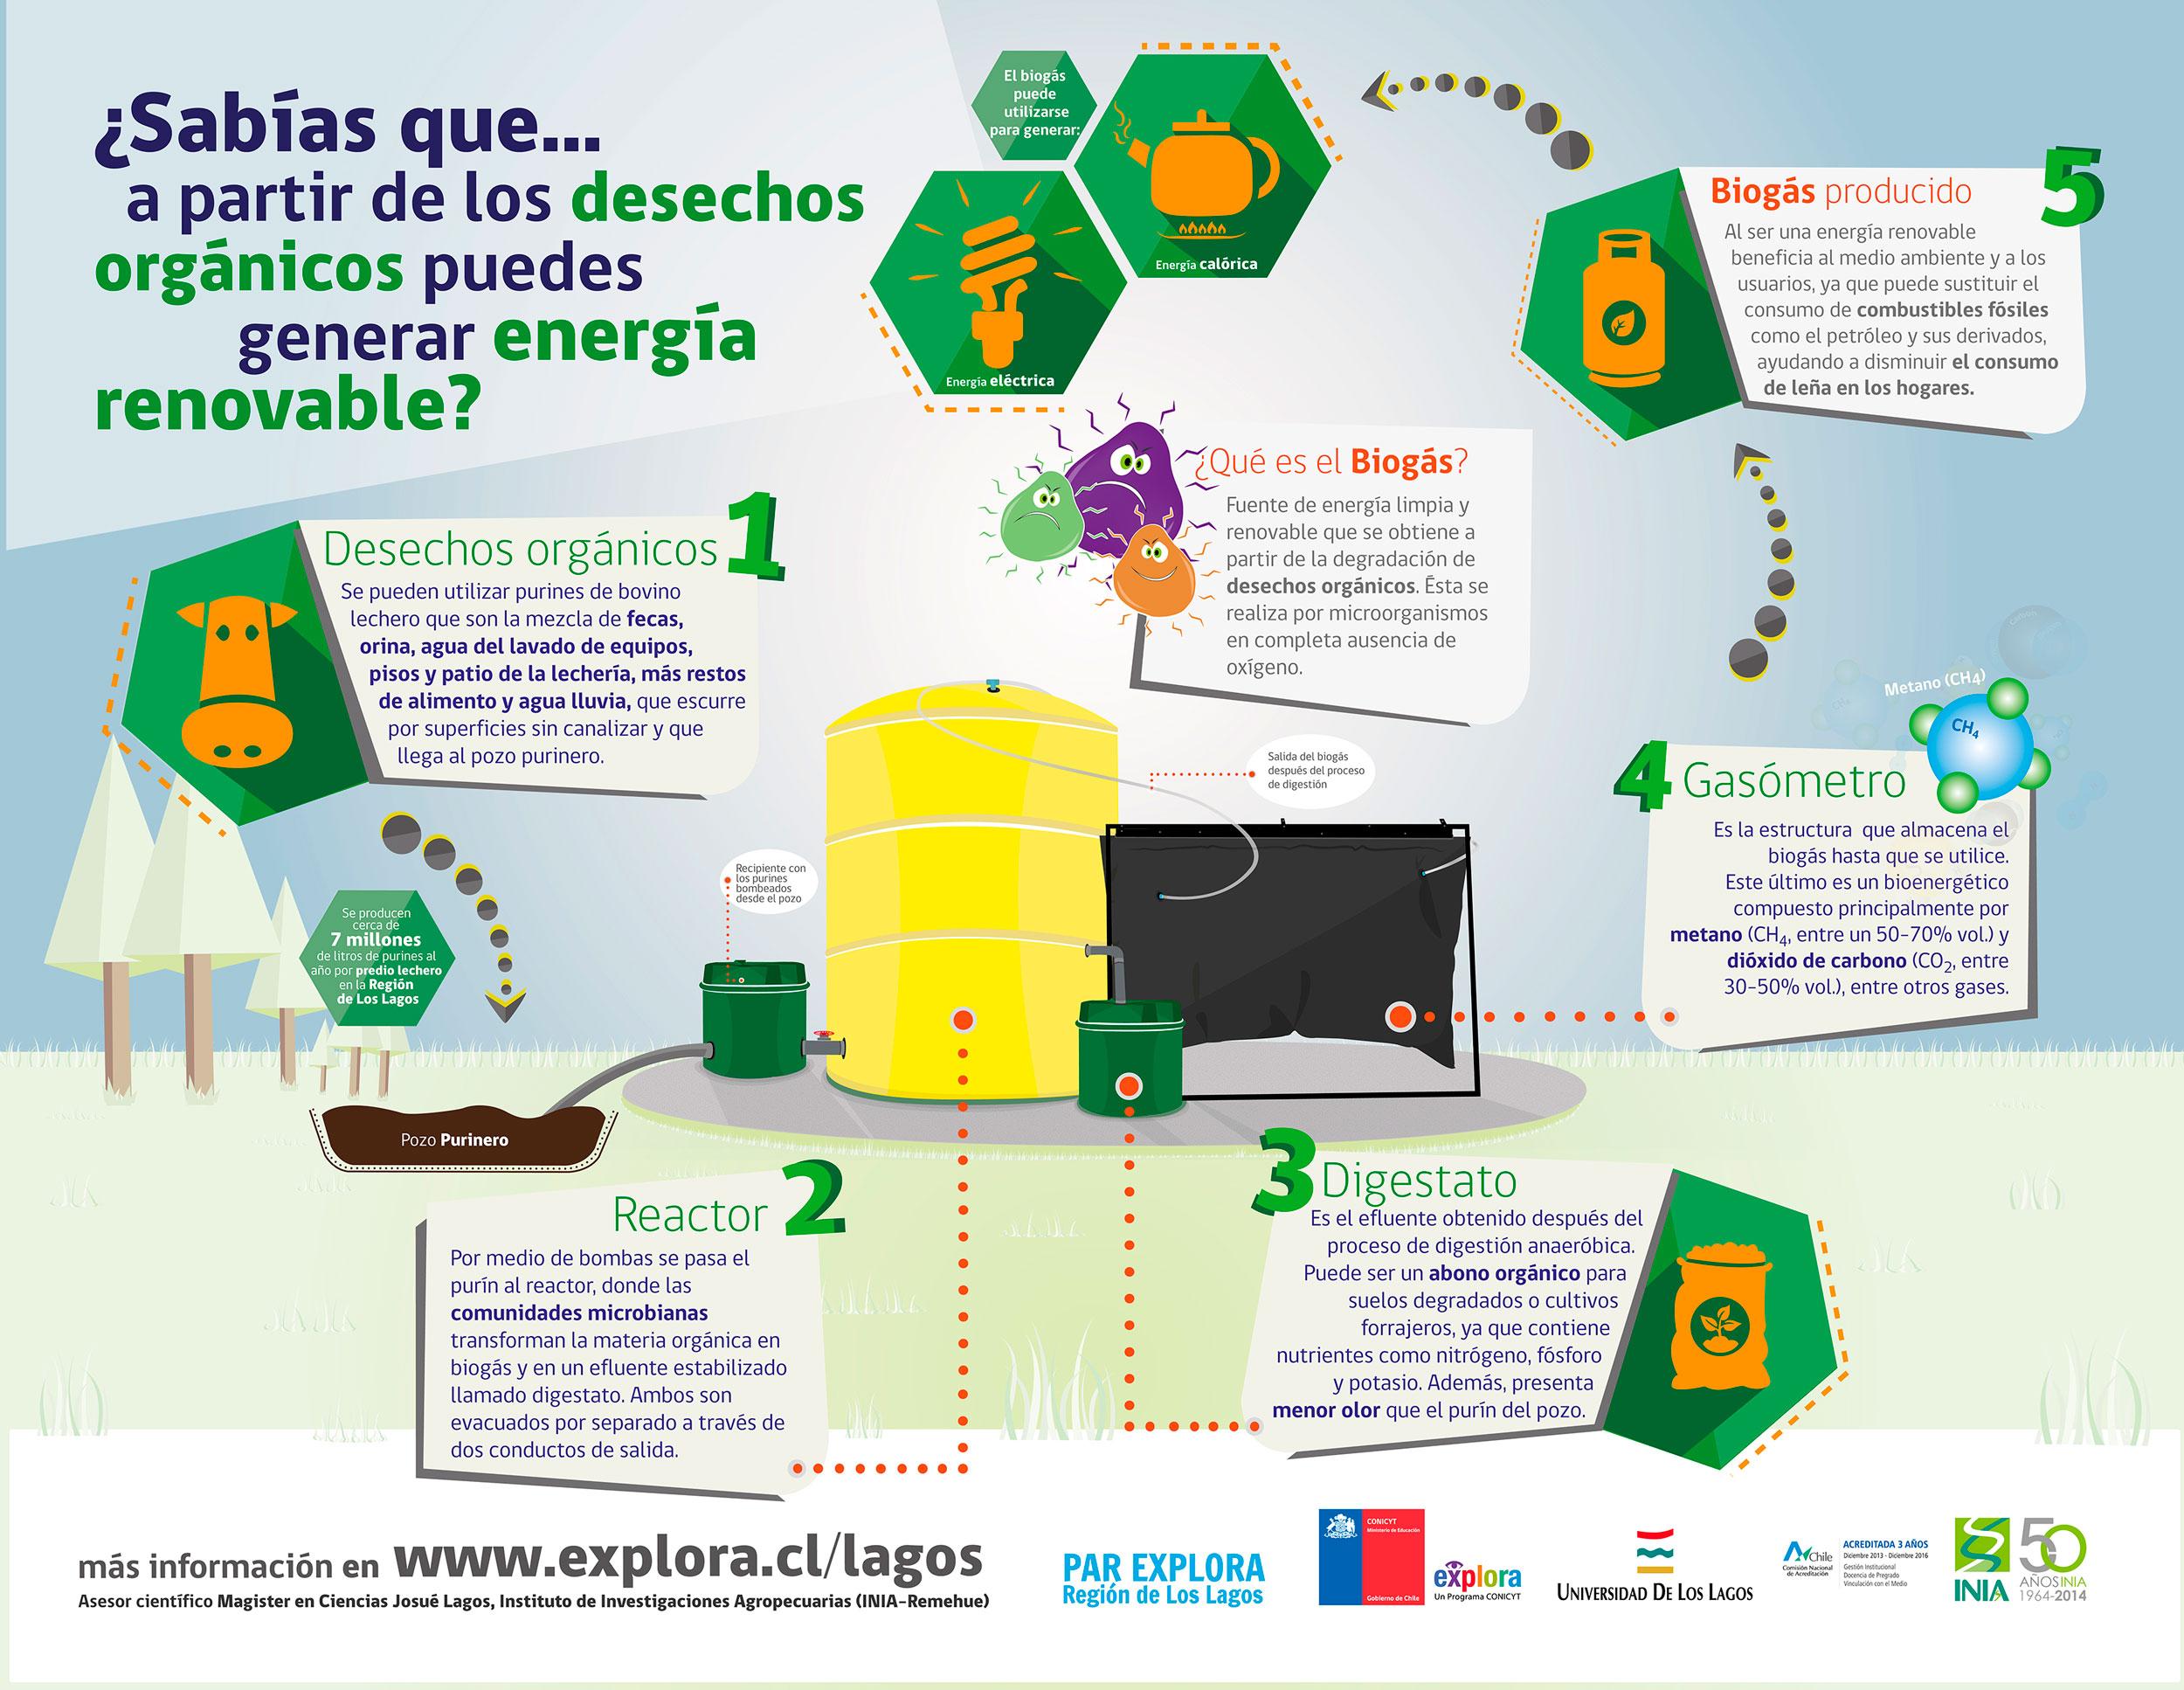 ¿Sabías que a partir de los desechos orgánicos puedes generar energía renovable?